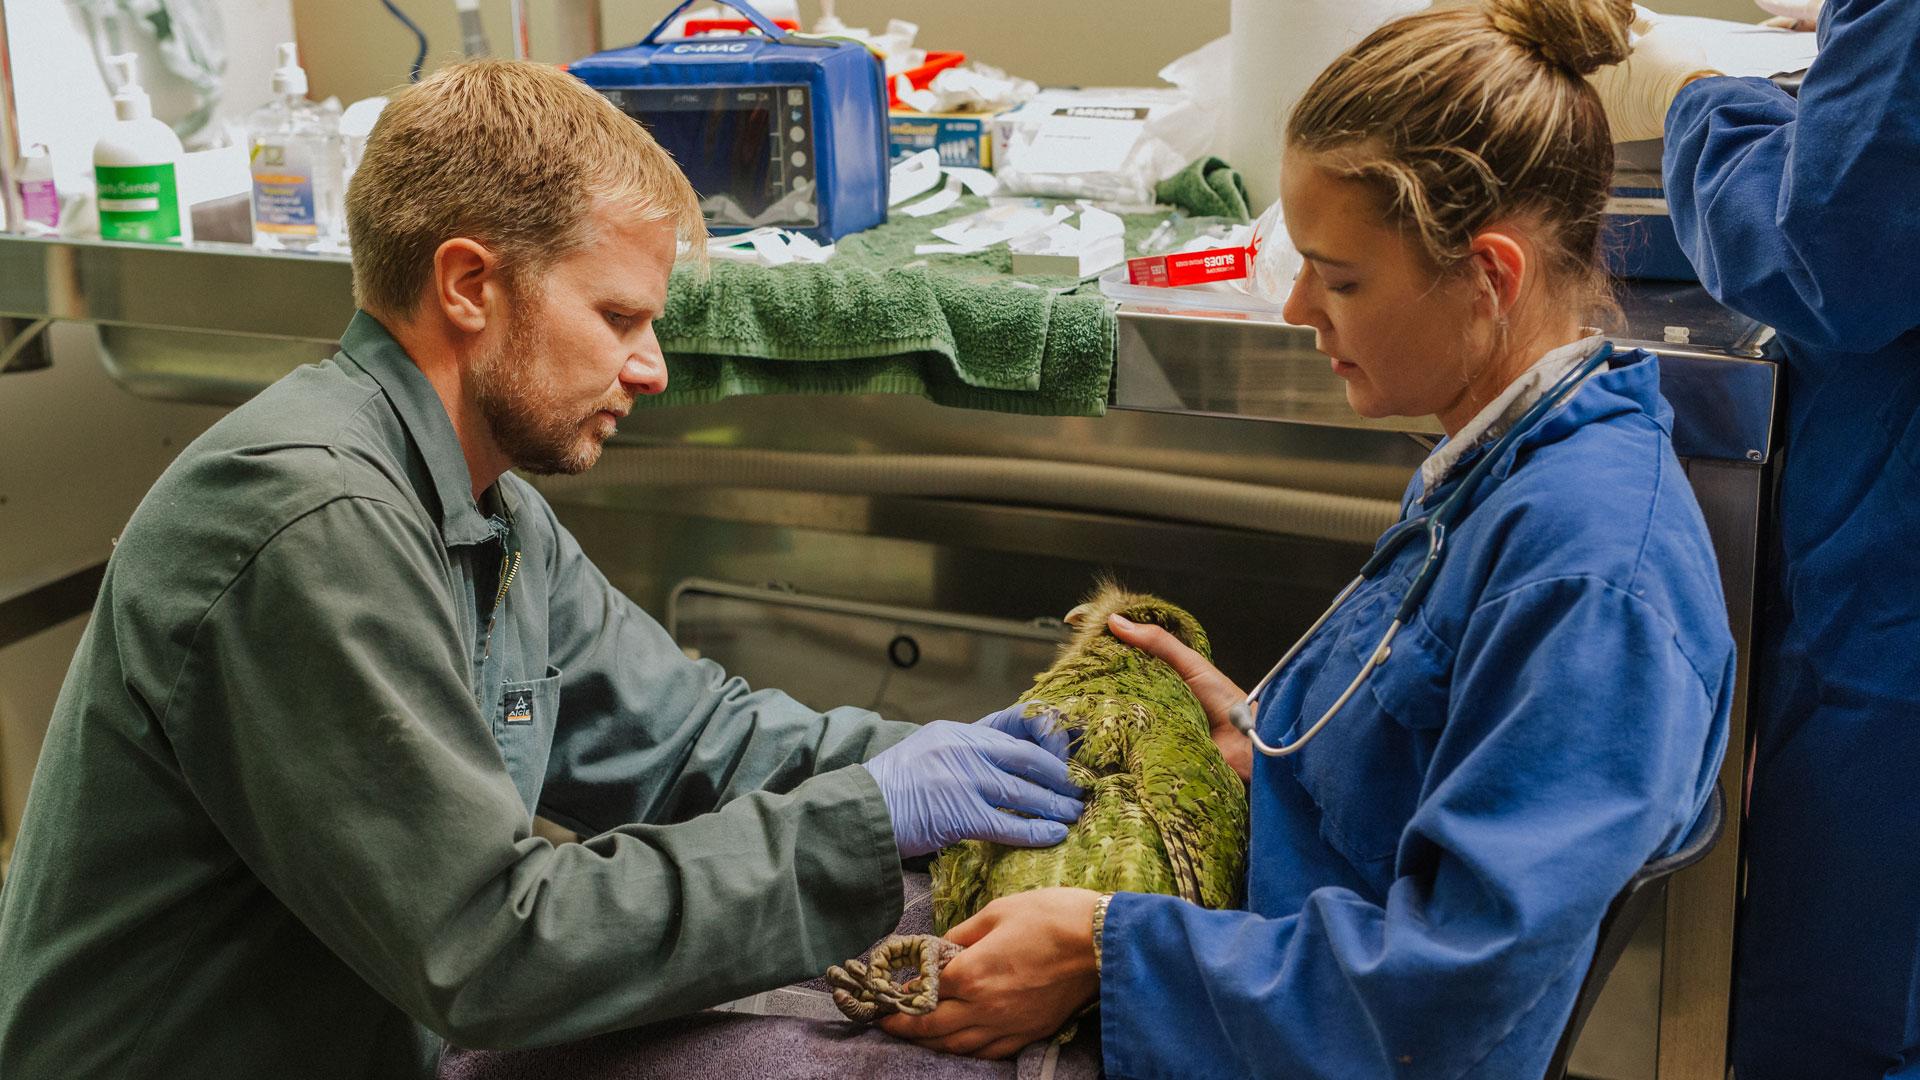 https://rfacdn.nz/zoo/assets/media/kakapo-vet-hospital-bravo-gallery-1.jpg